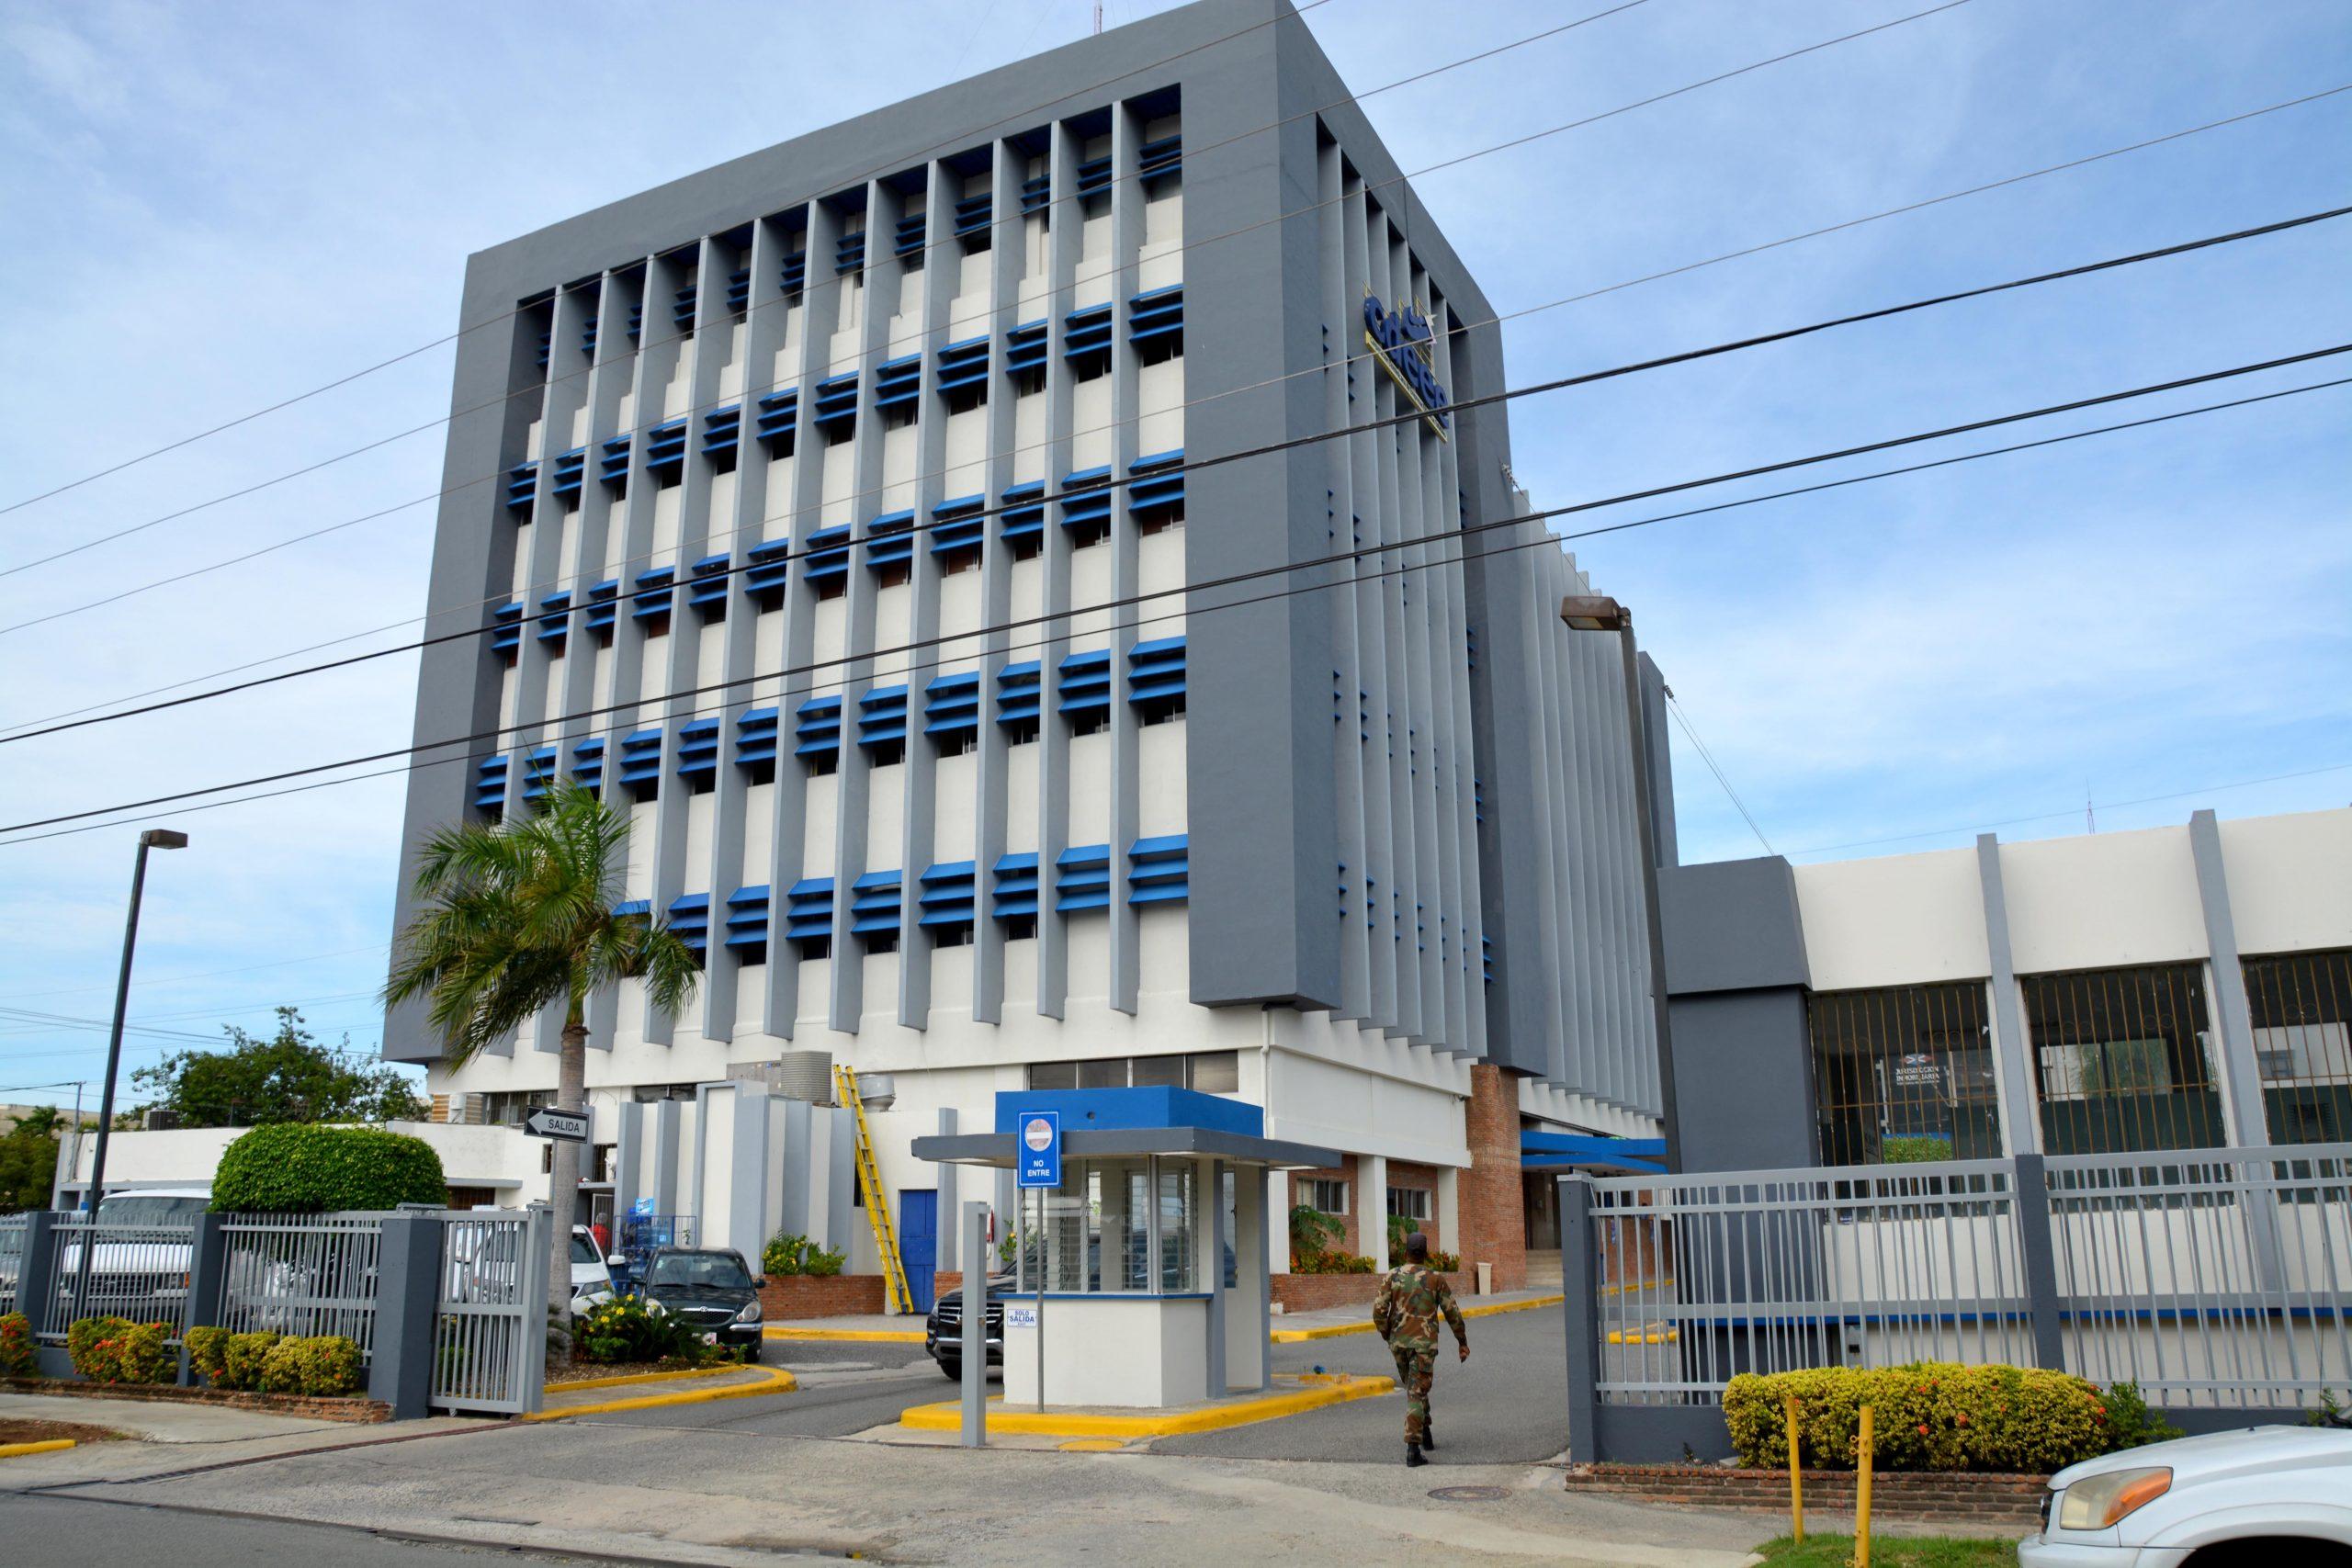 La CDEEE anunció el pago de US$568 millones a los generadores, para lo cual recibió un préstamo puente del Banco de Reservas y usó dos meses del subsidio eléctrico. | LÉSTHER ÁLVAREZ